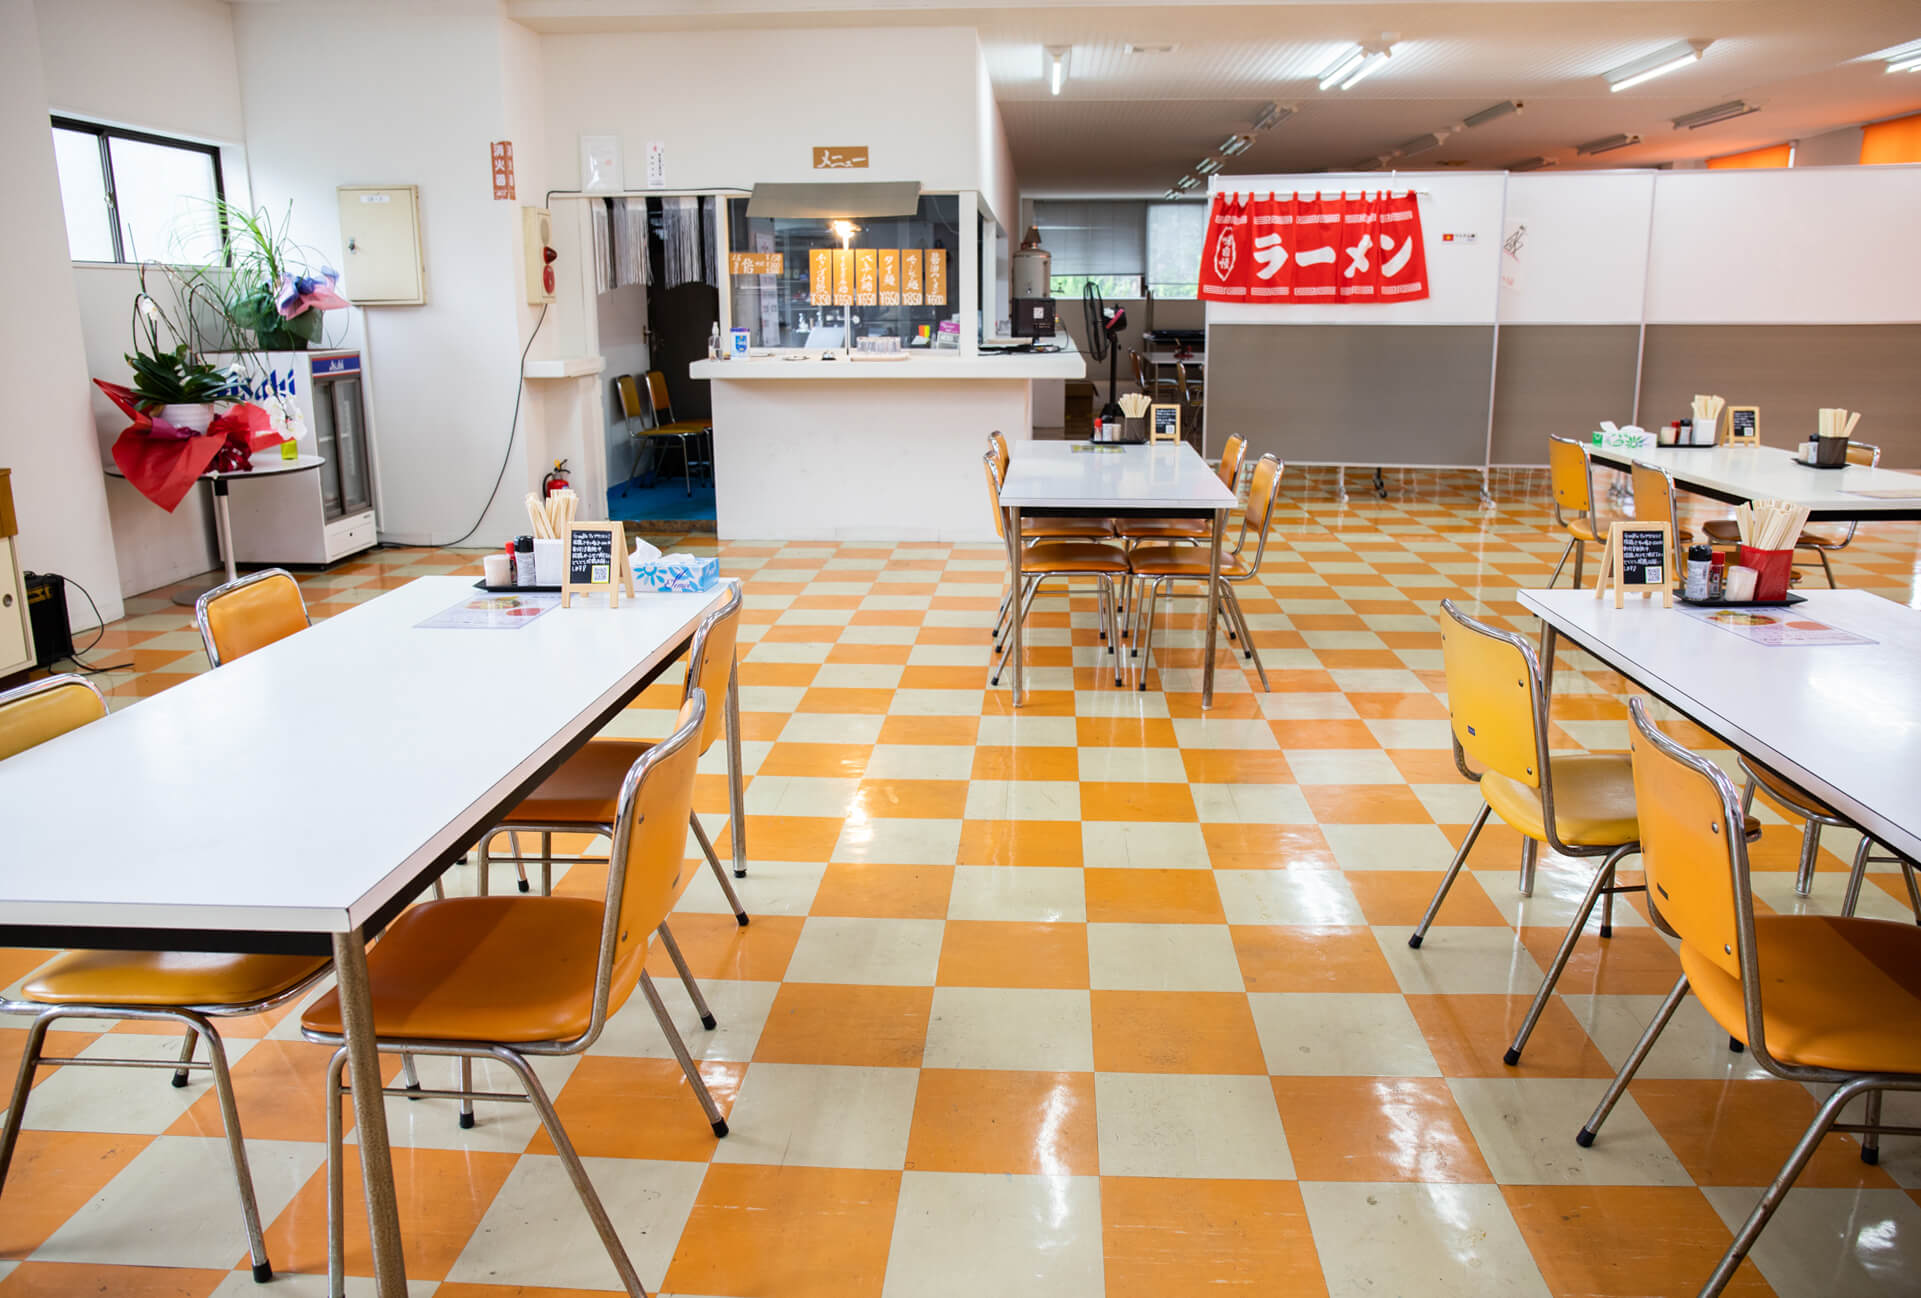 食堂の館内